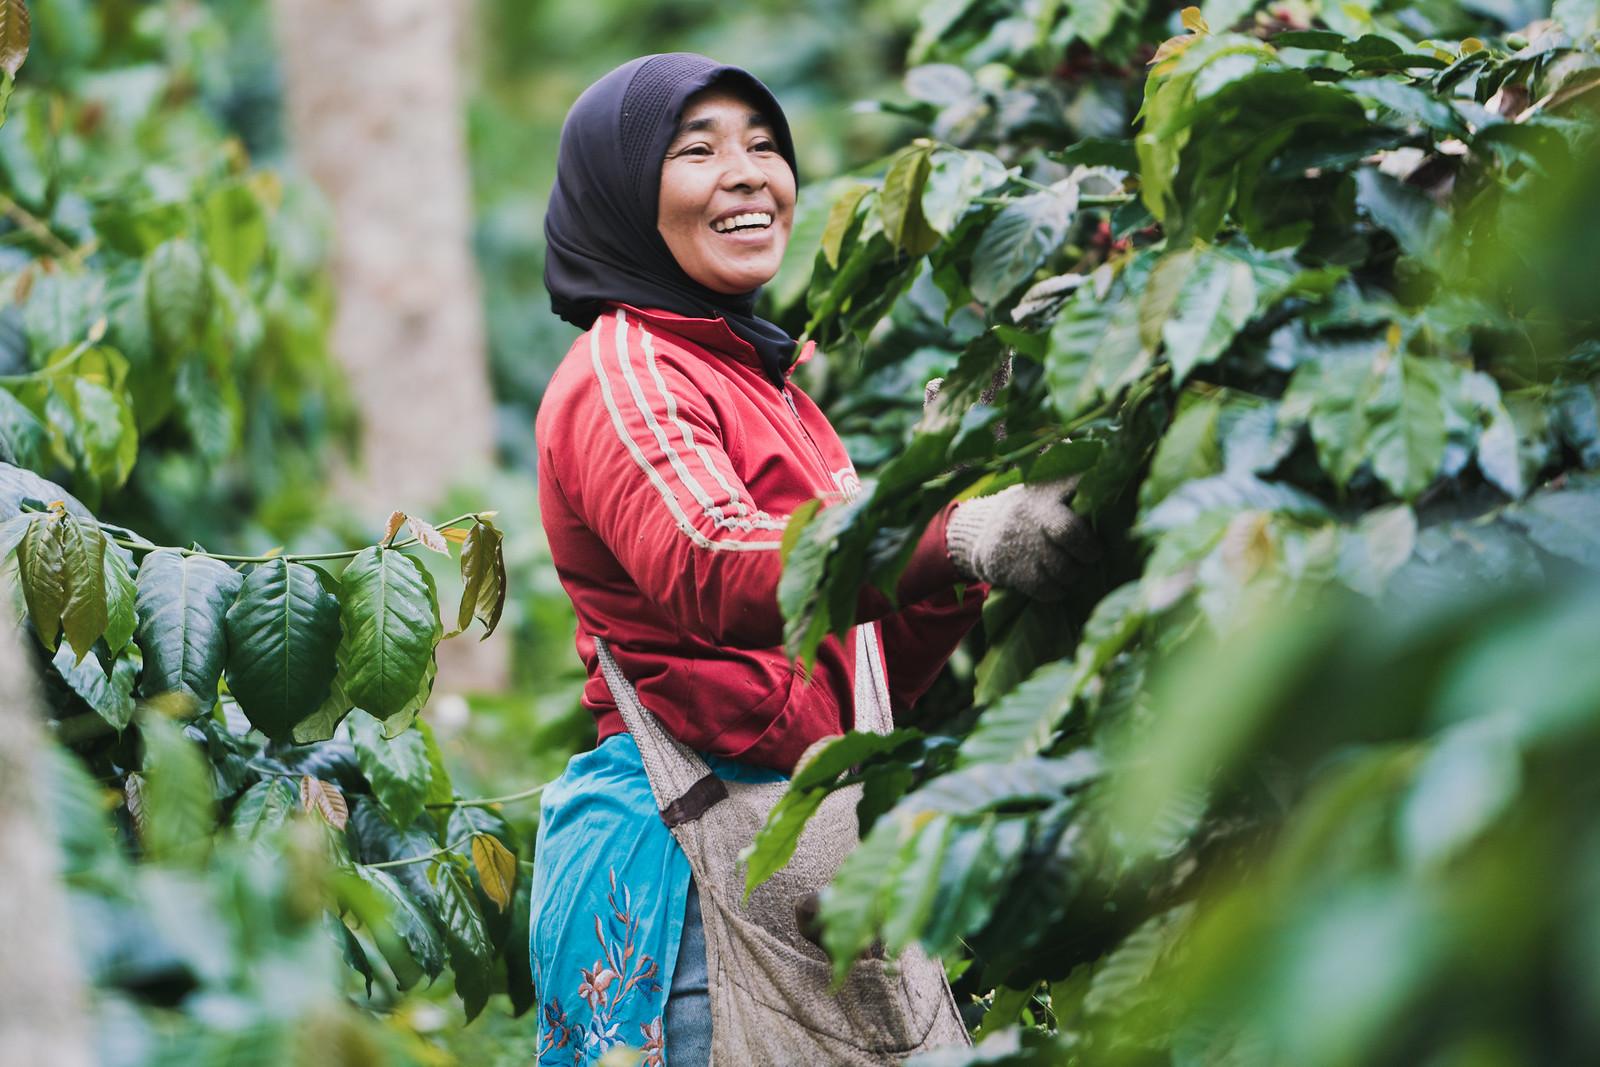 Nông dân trồng cà phê tại sumatra - Indonesia (1)